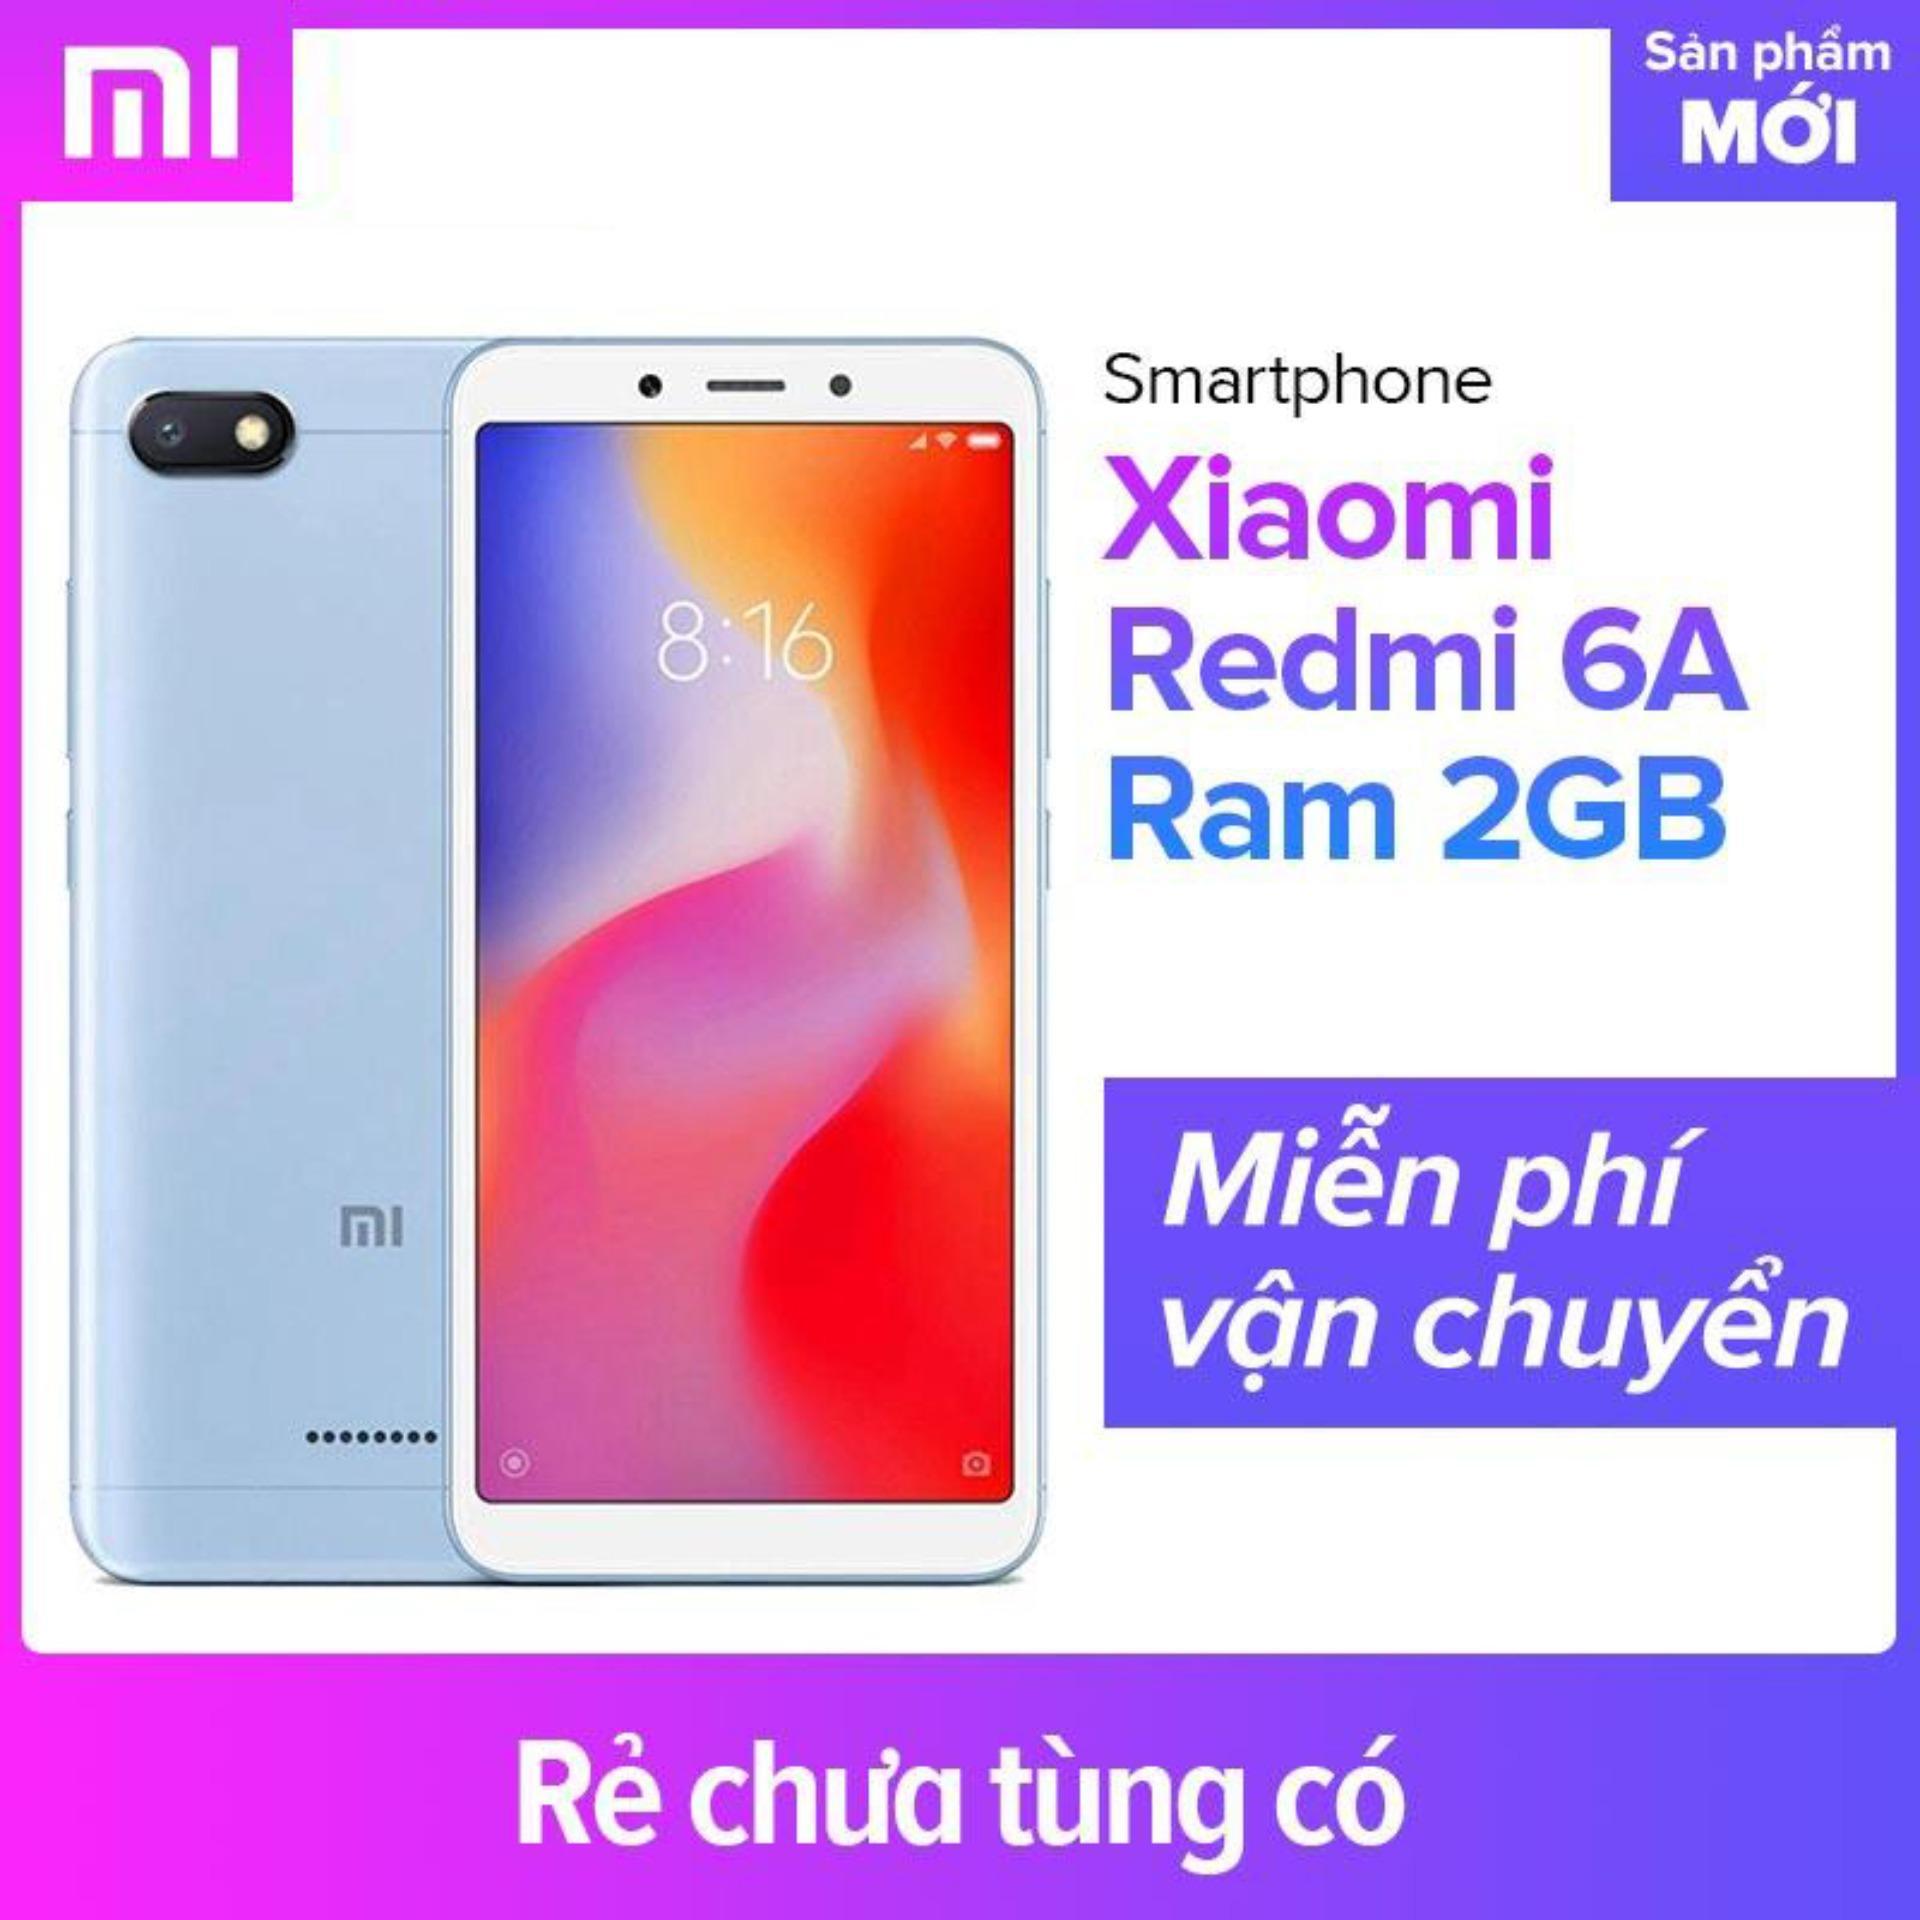 Mua In Thoi Di Ng Xiaomi Online Gi Tt Redmi Note 3 Ram 2 16 Gb 6a 16gb 2gb Hng Phn Phi Chnh Thc